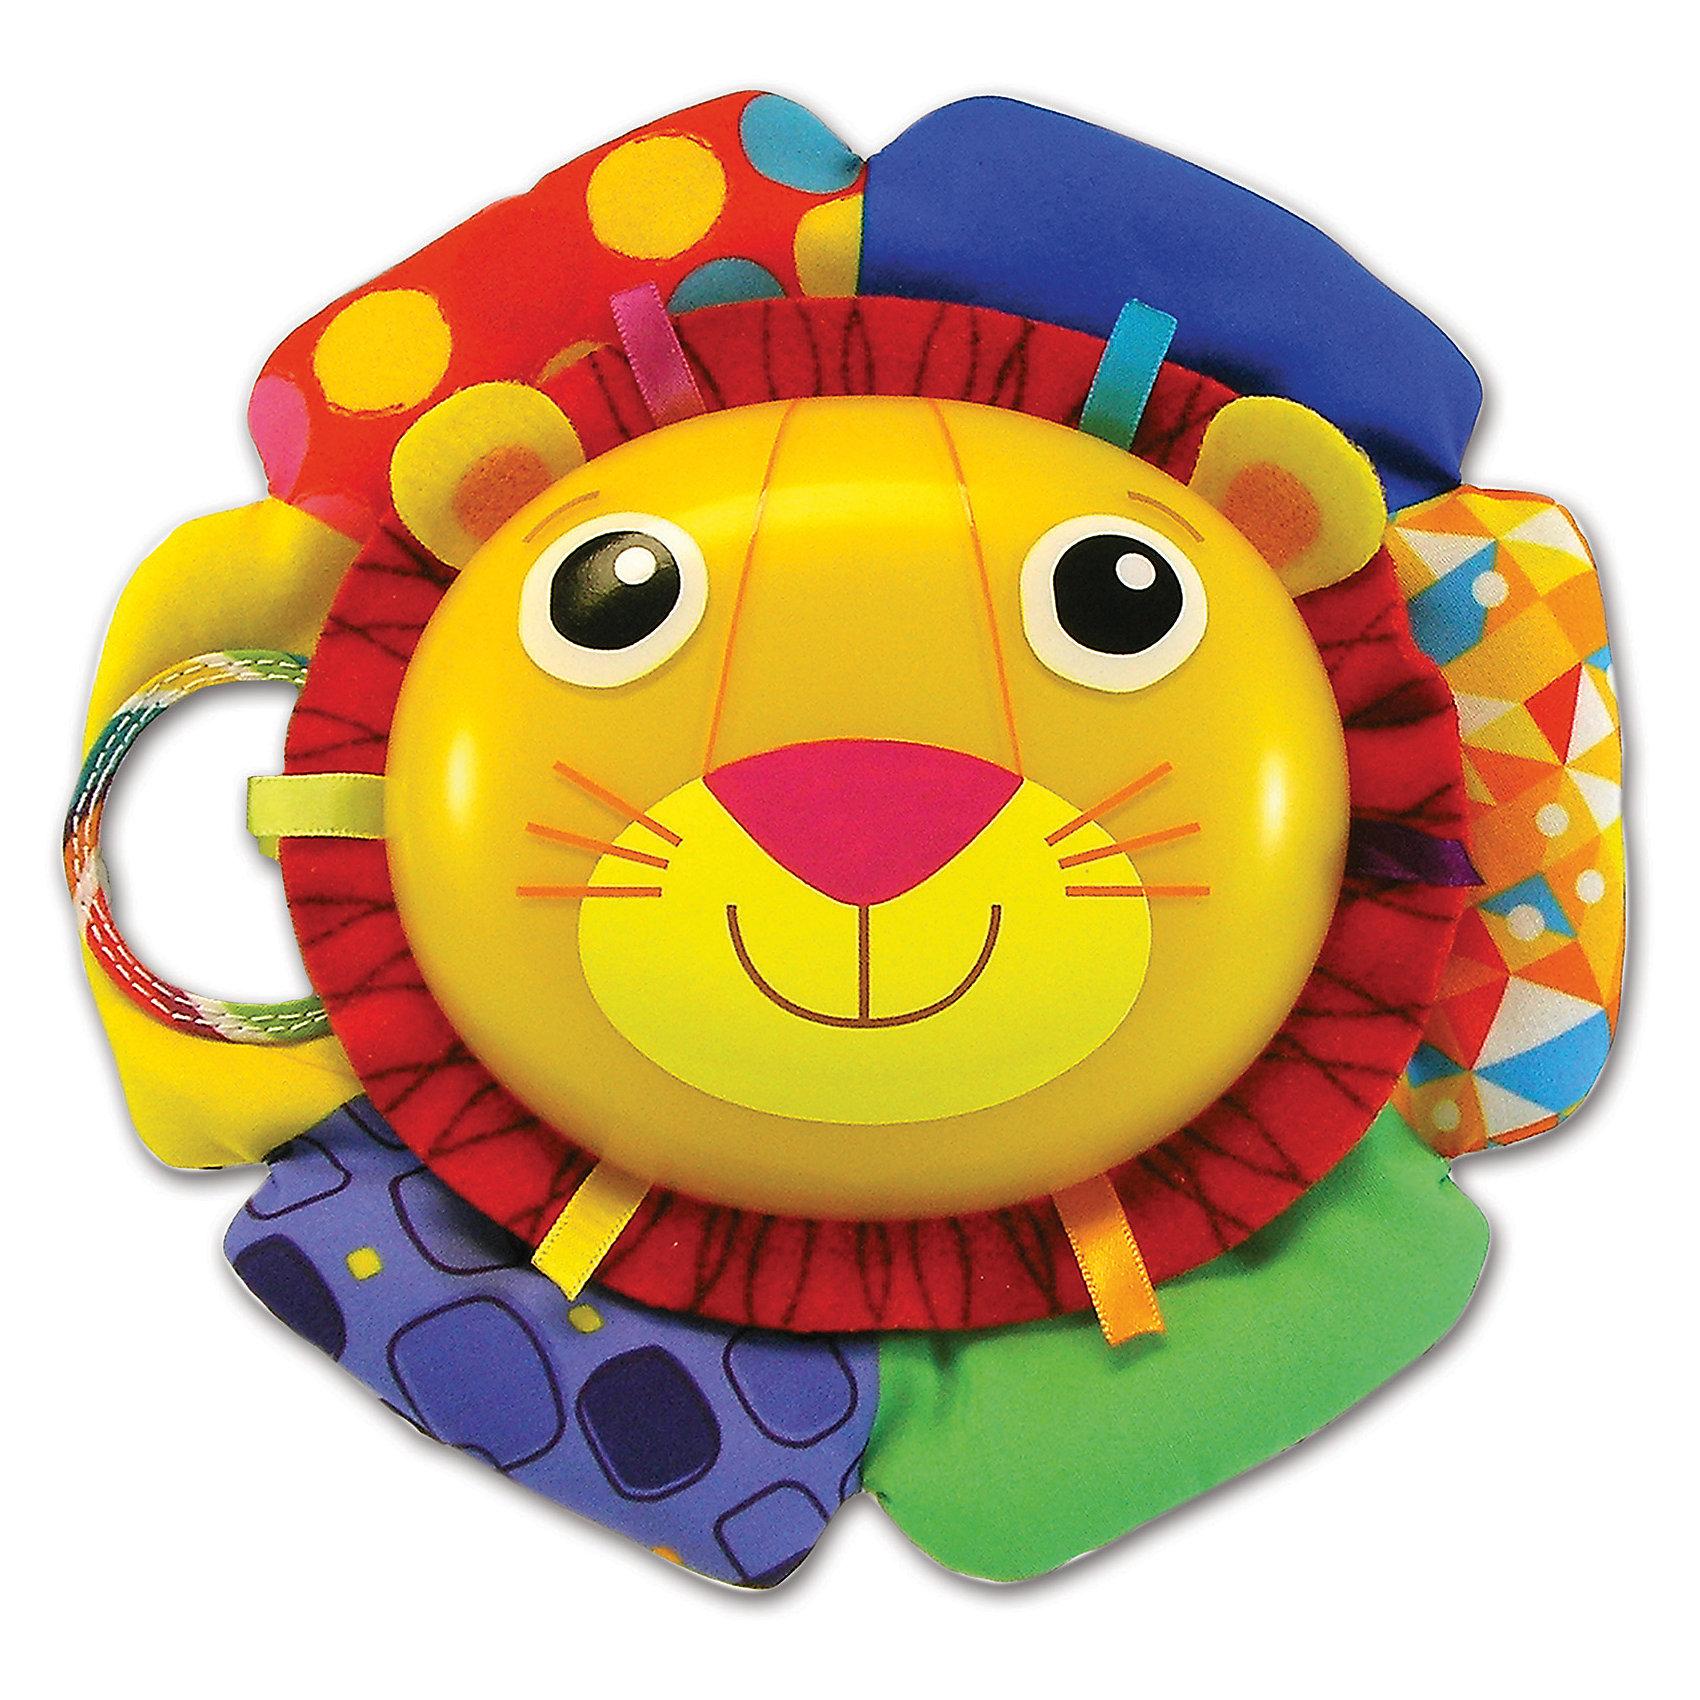 Музыкальная игра Лев Логан, звук-мелодия, LamazeМузыкальные инструменты и игрушки<br>Малыши очень любознательны и общительны, они каждый день узнают что-то новое. Сделать процесс познавания мира для малышей - просто! Яркая игрушка в  виде льва поможет ребенку весело и с пользой провести время. Игрушка сделана из мягкого материала, что развивает тактильное восприятие ребенка. Оснащена звуковыми эффектами (играет мелодию), её можно крепить на кроватку. <br>Эта игрушка обязательно займет ребенка! Игра с ней помогает детям развивать мелкую моторику, внимательность и познавать мир. Игрушка сделана из качественных и безопасных для ребенка материалов.<br><br>Дополнительная информация:<br><br>цвет: разноцветный;<br>размер упаковки: 28 х 25 х 11 см;<br>материал: текстиль.<br><br>Музыкальную игру Лев Логан, звук-мелодия, Tomy Lamaze можно купить в нашем магазине.<br><br>Ширина мм: 280<br>Глубина мм: 255<br>Высота мм: 110<br>Вес г: 840<br>Возраст от месяцев: -2147483648<br>Возраст до месяцев: 2147483647<br>Пол: Унисекс<br>Возраст: Детский<br>SKU: 4918494